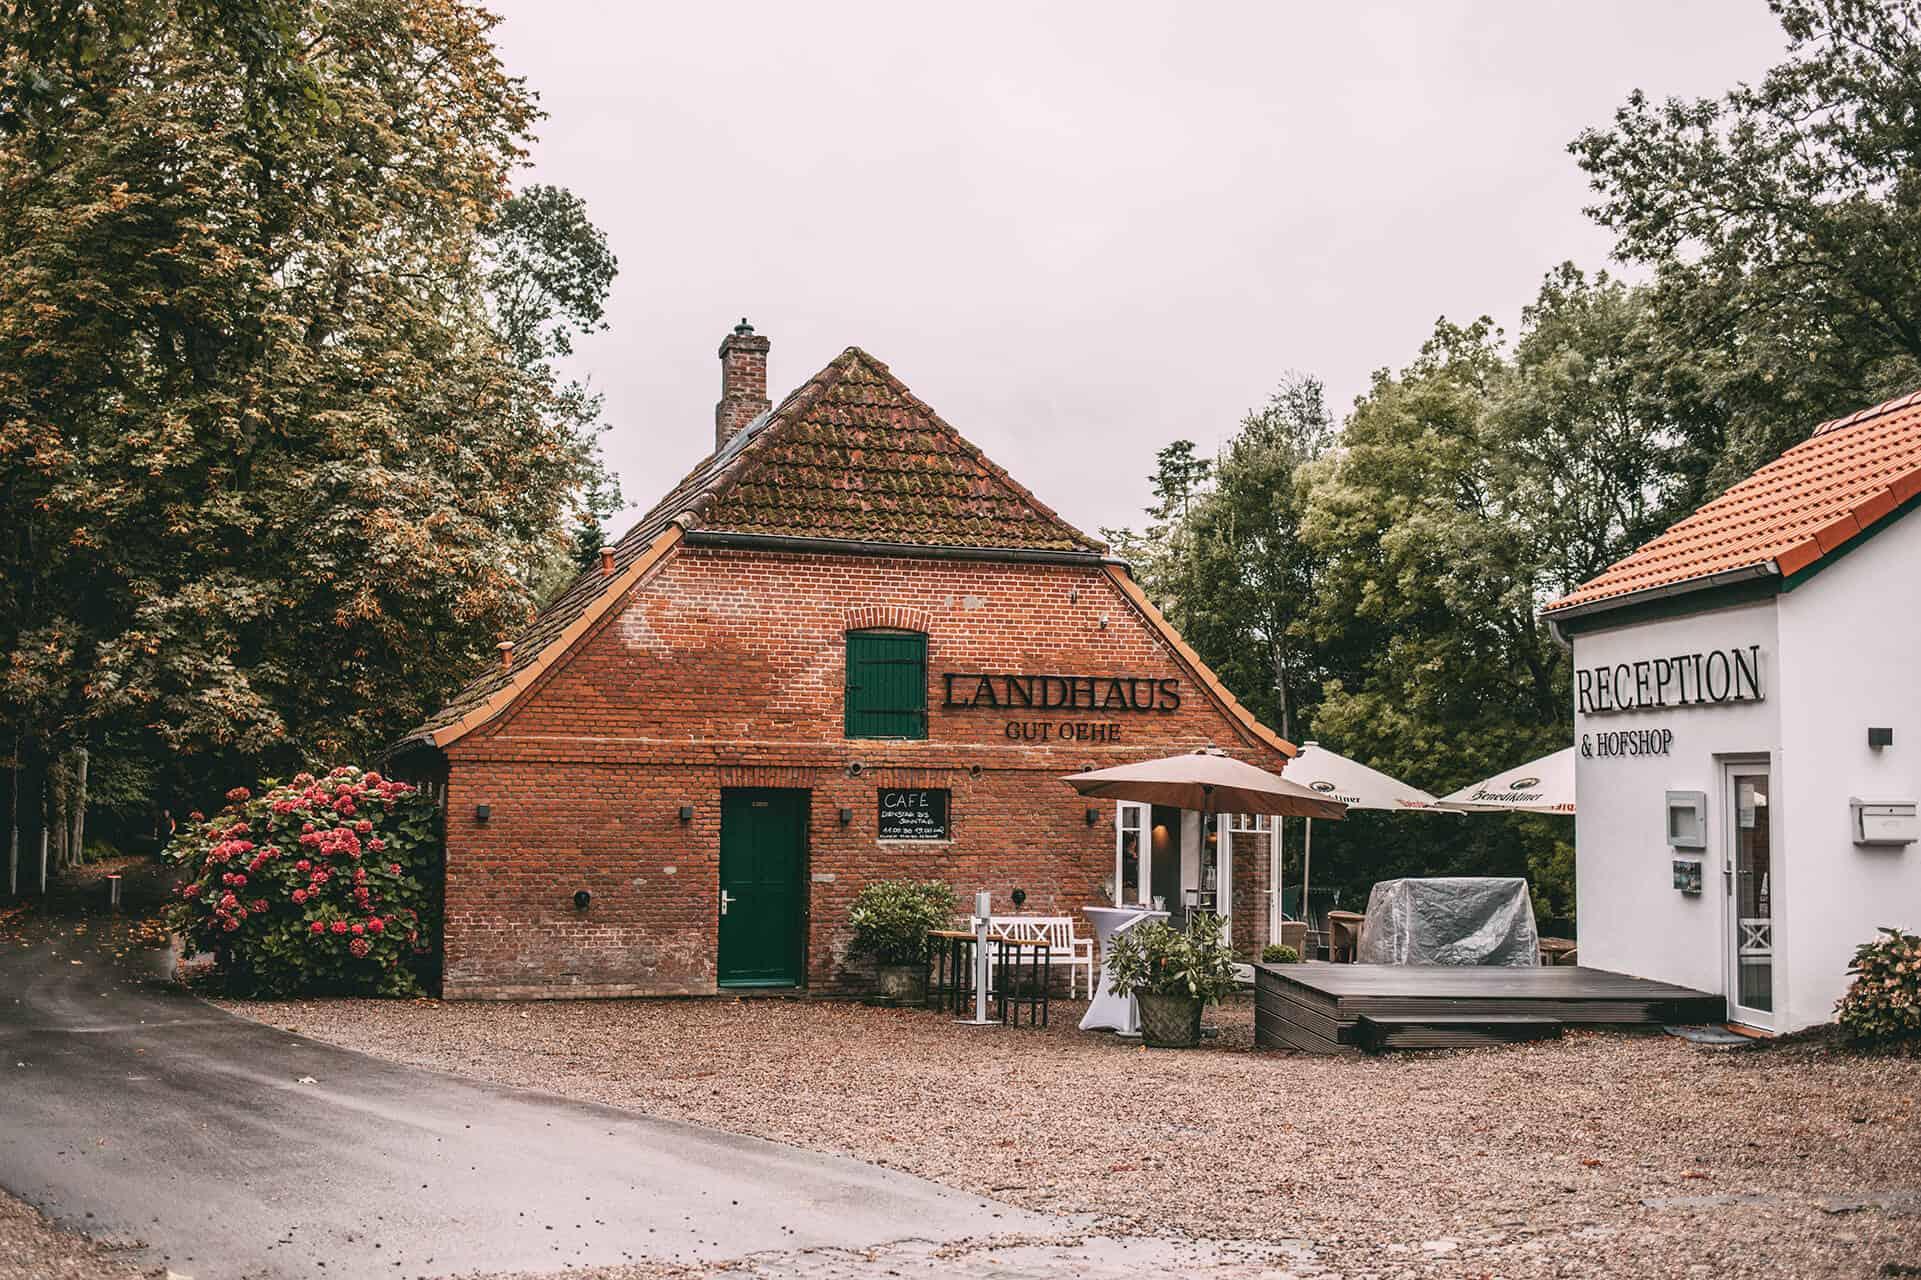 Herbst an der Schlei Tipps Herbstferien Schleswig-Holstein: Landhaus Gut Oehe